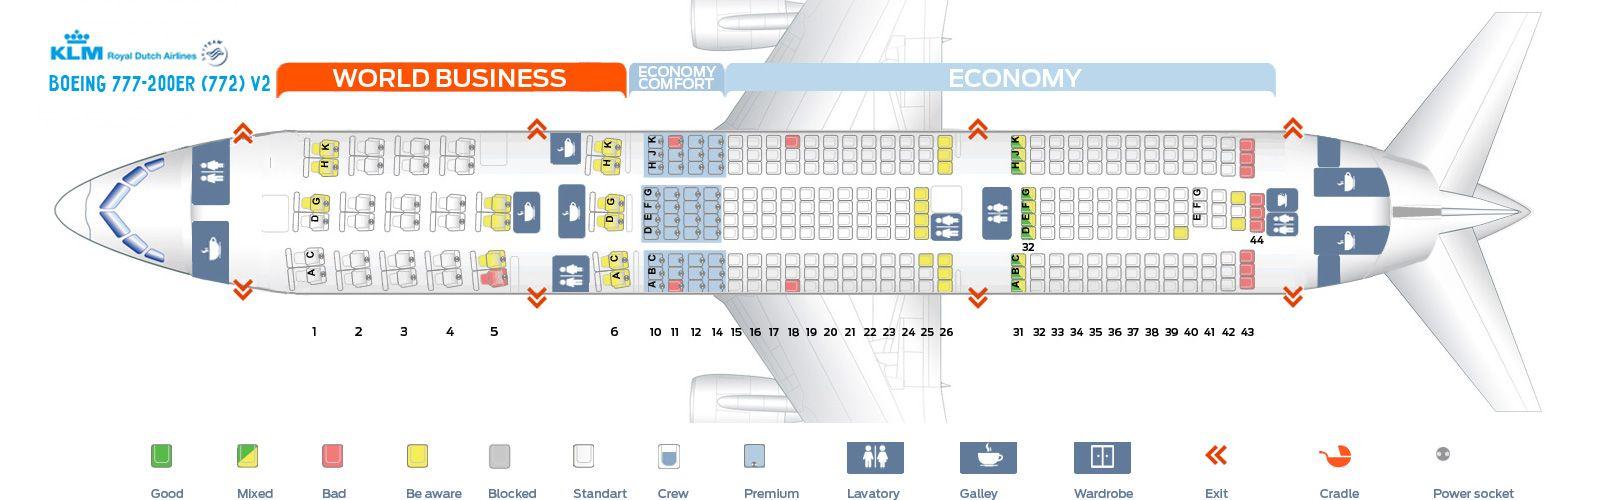 KLM Fleet Boeing 777200ER Details and Pictures. KLM Fleet